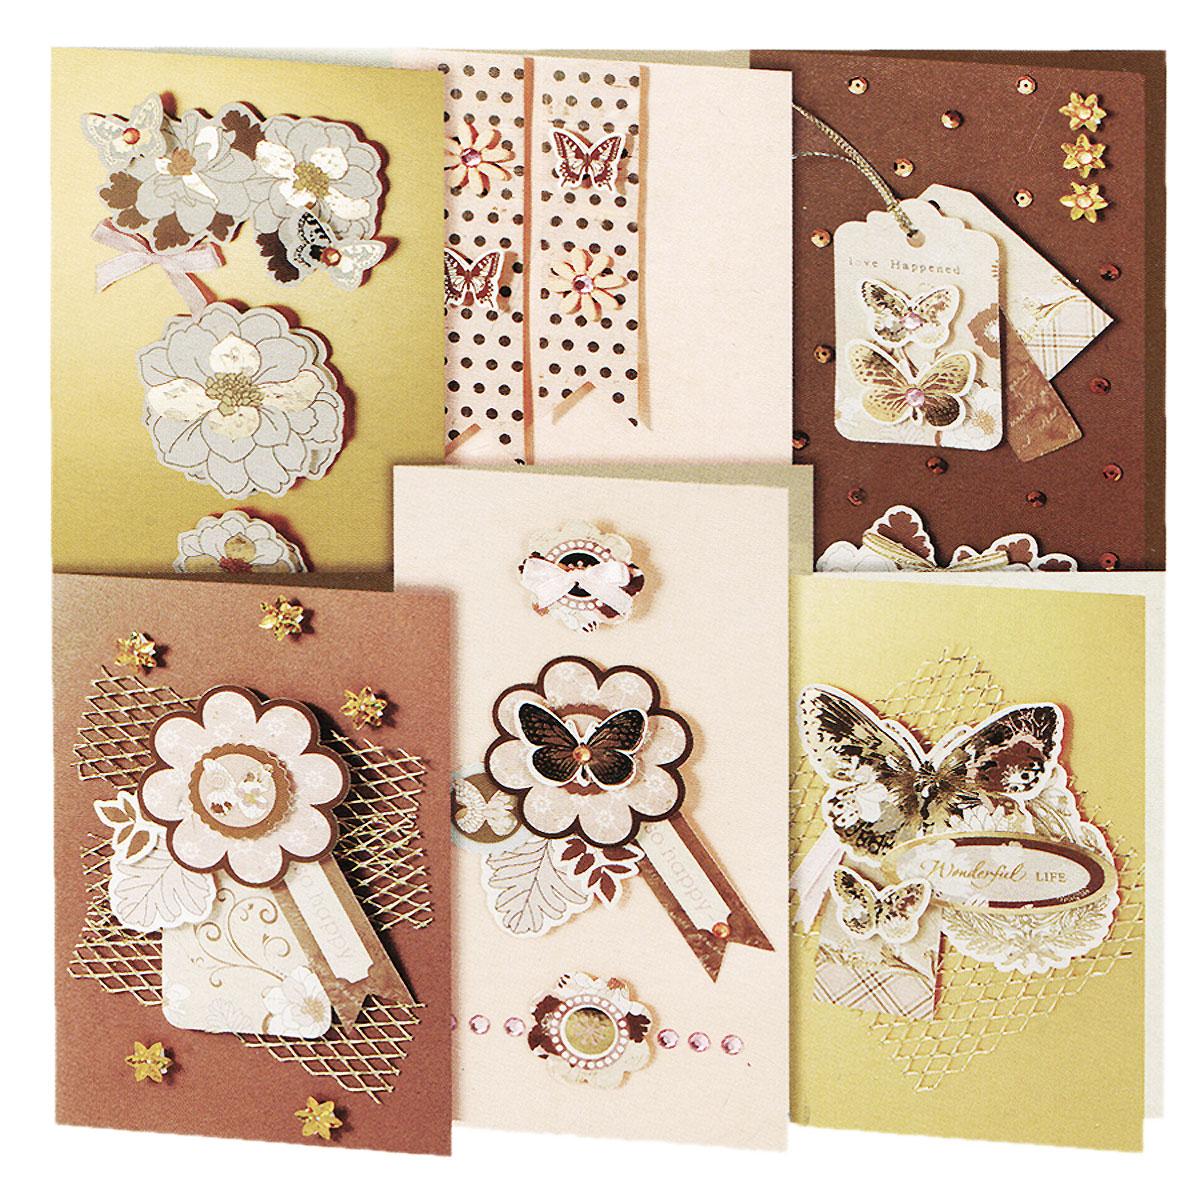 Набор для создания открыток Белоснежка Бабочки, 6 шт набор для создания открыток белоснежка аквамарин 6 шт